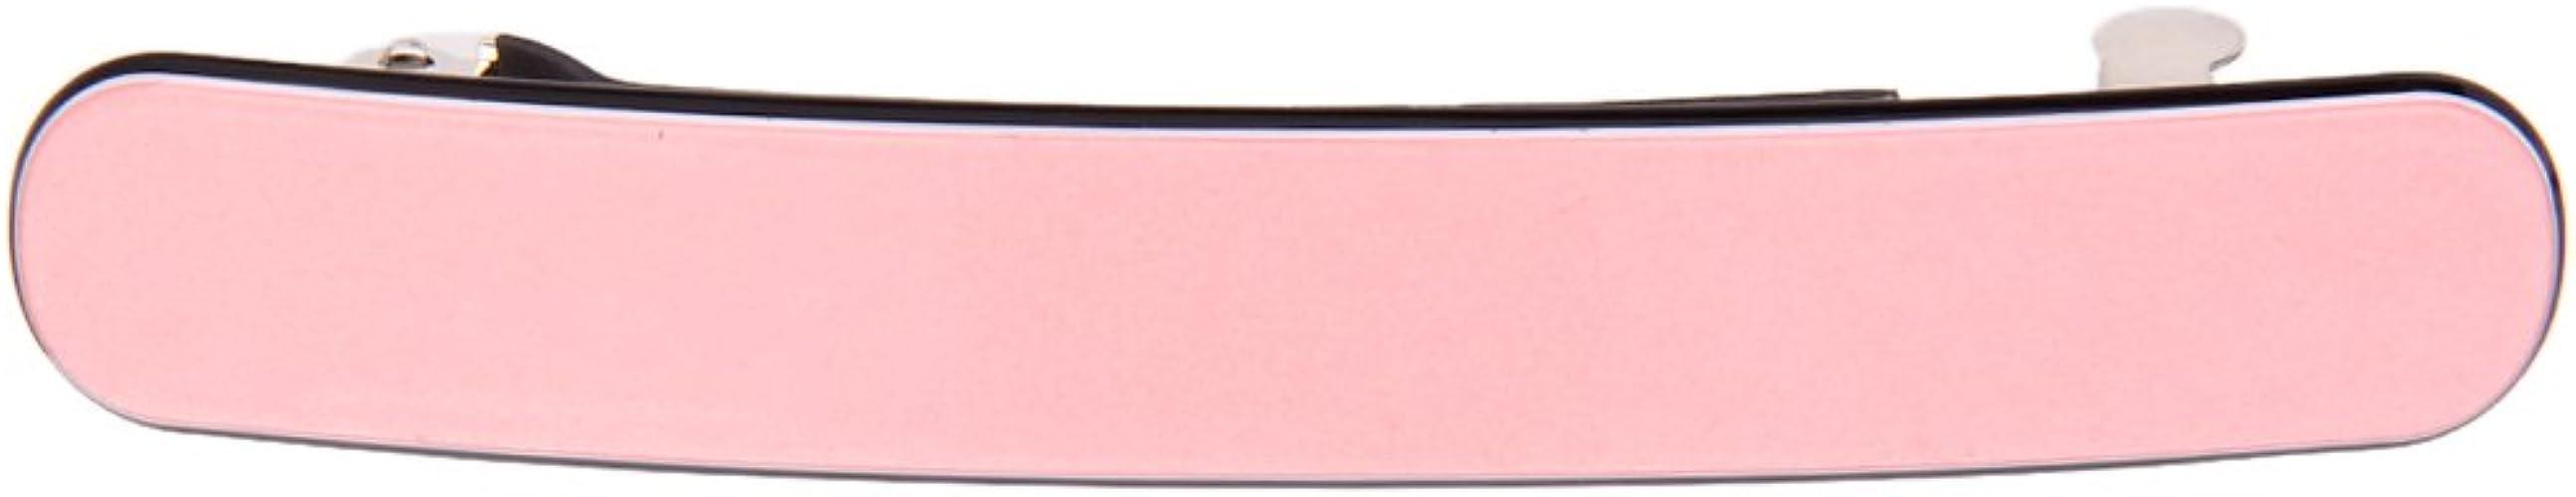 P Prettyia 2pcs Mode F/éminine Vintage Barrette Cheveux Acrylique Clip Bijoux Accessoire Cadeau